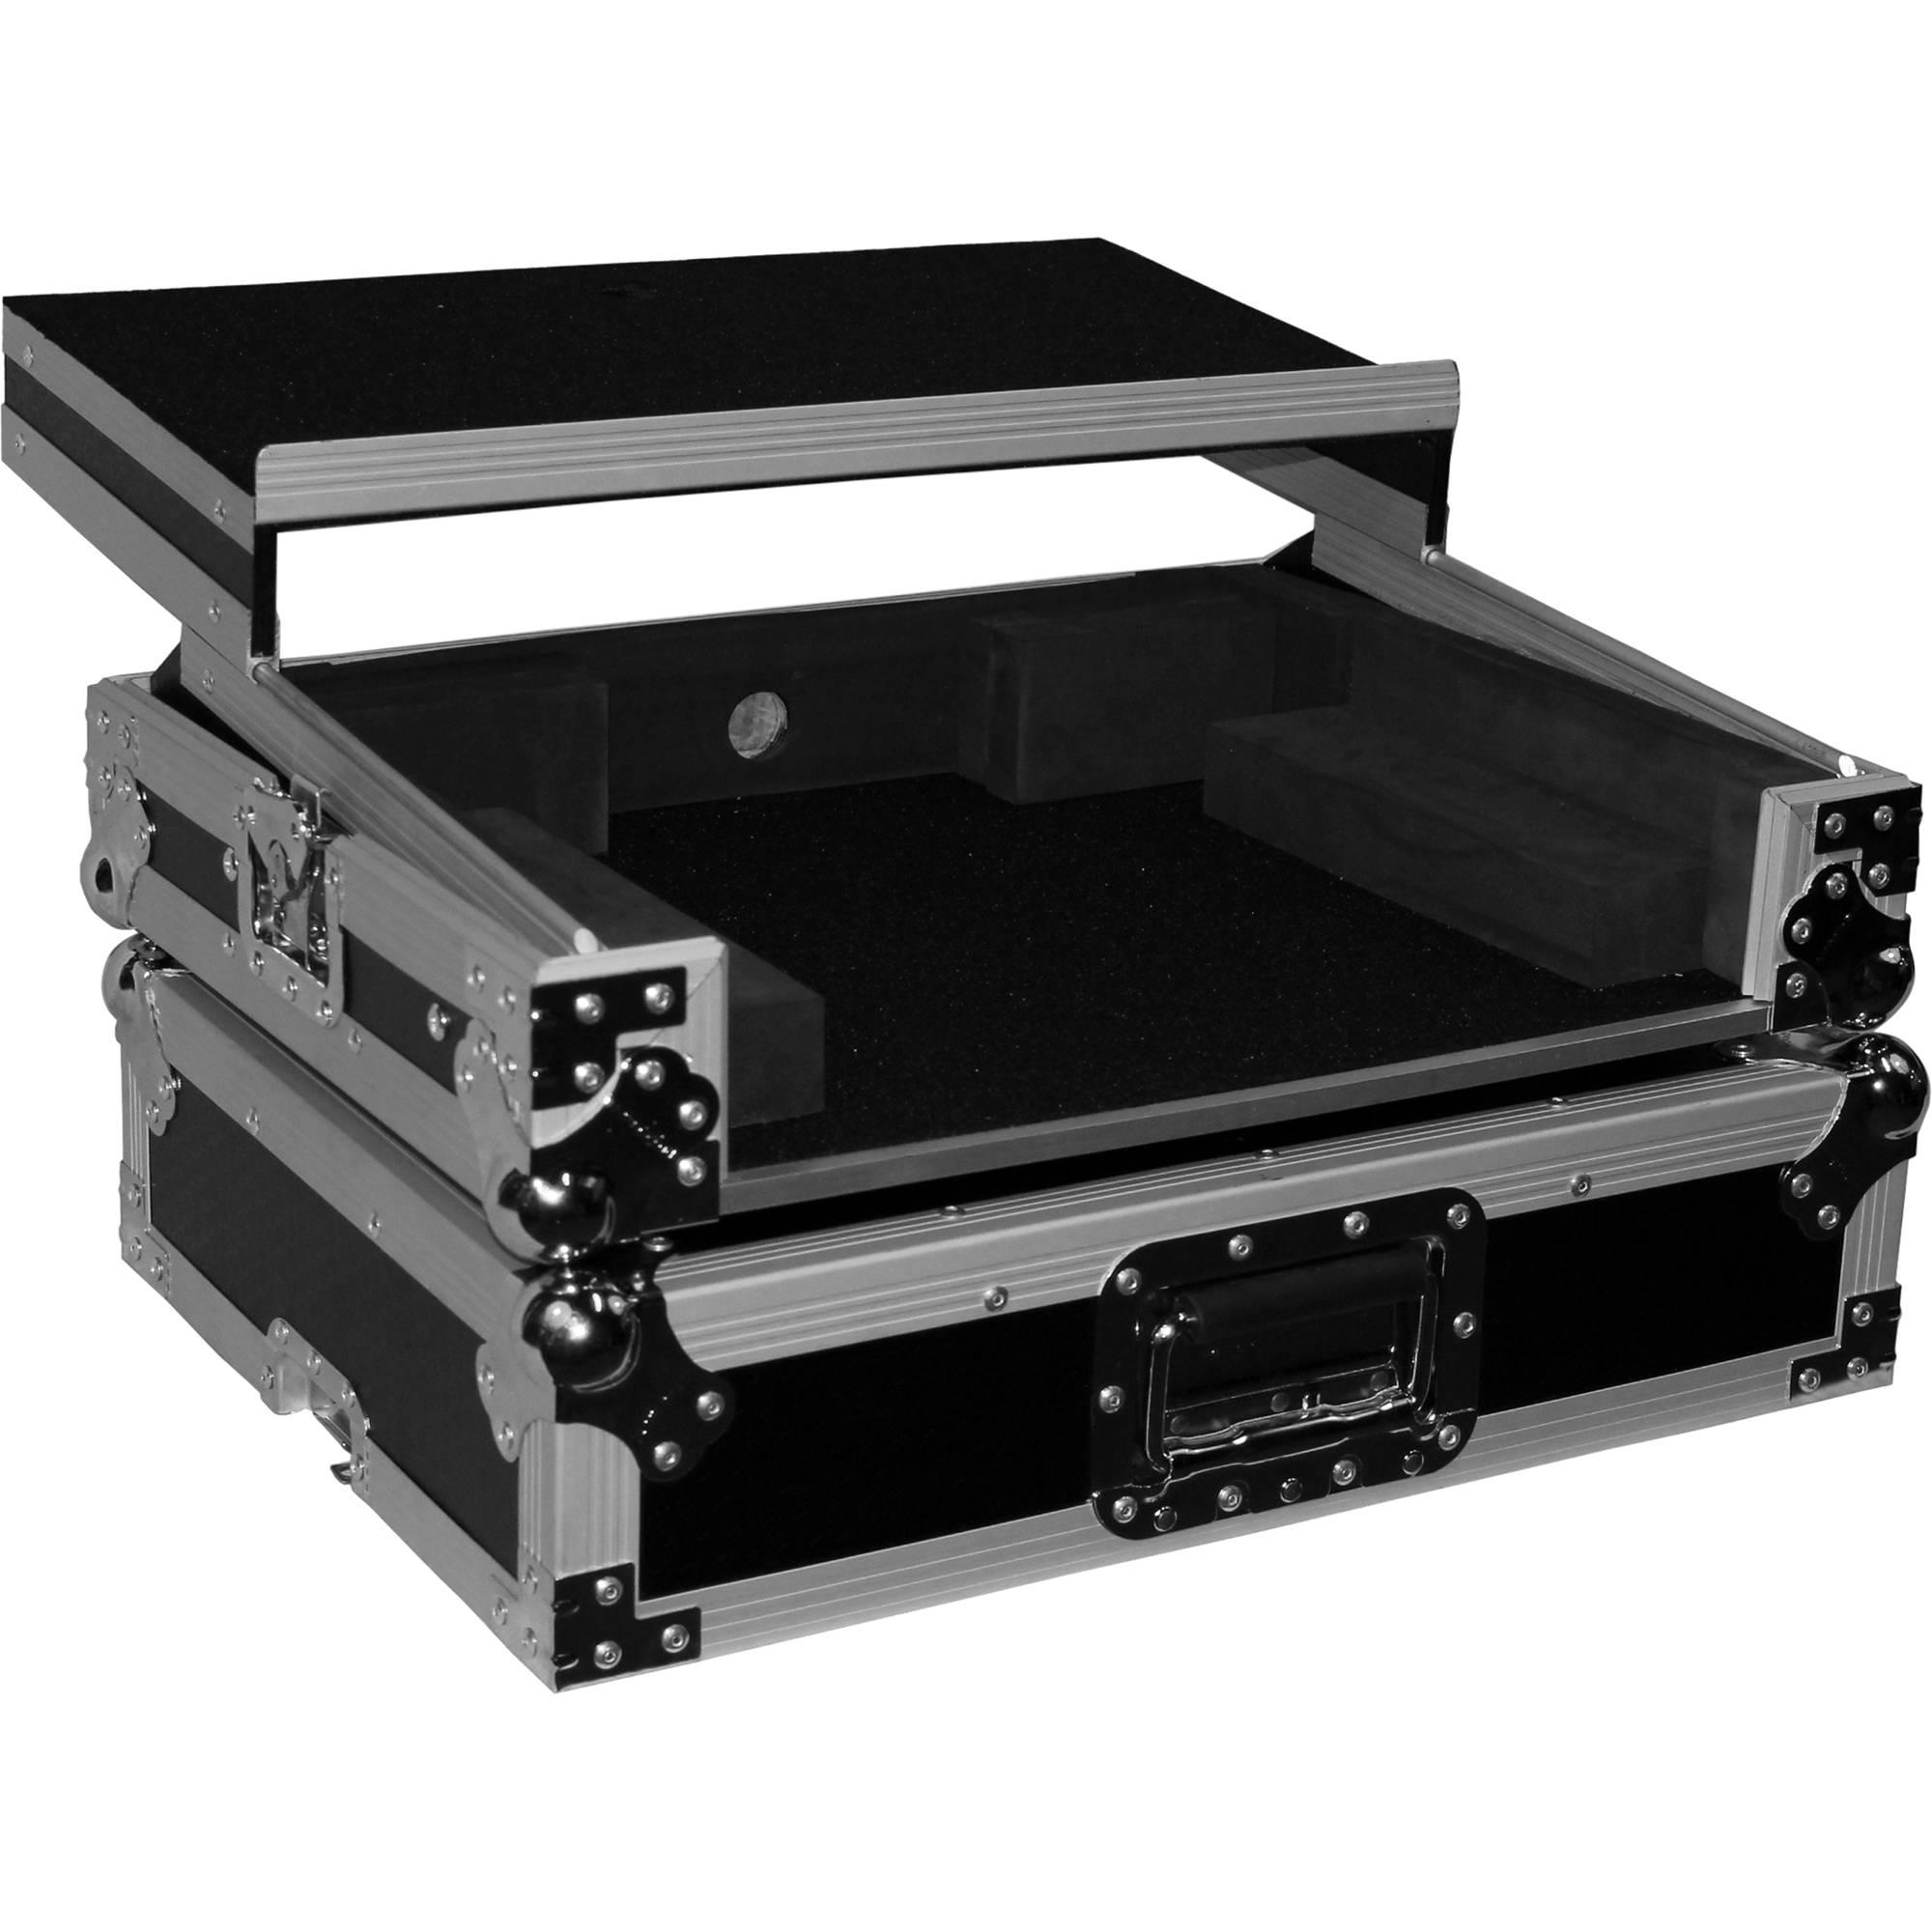 prox flight case for denon mc6000 and mc6000mk2 xs dnmc6000lt. Black Bedroom Furniture Sets. Home Design Ideas